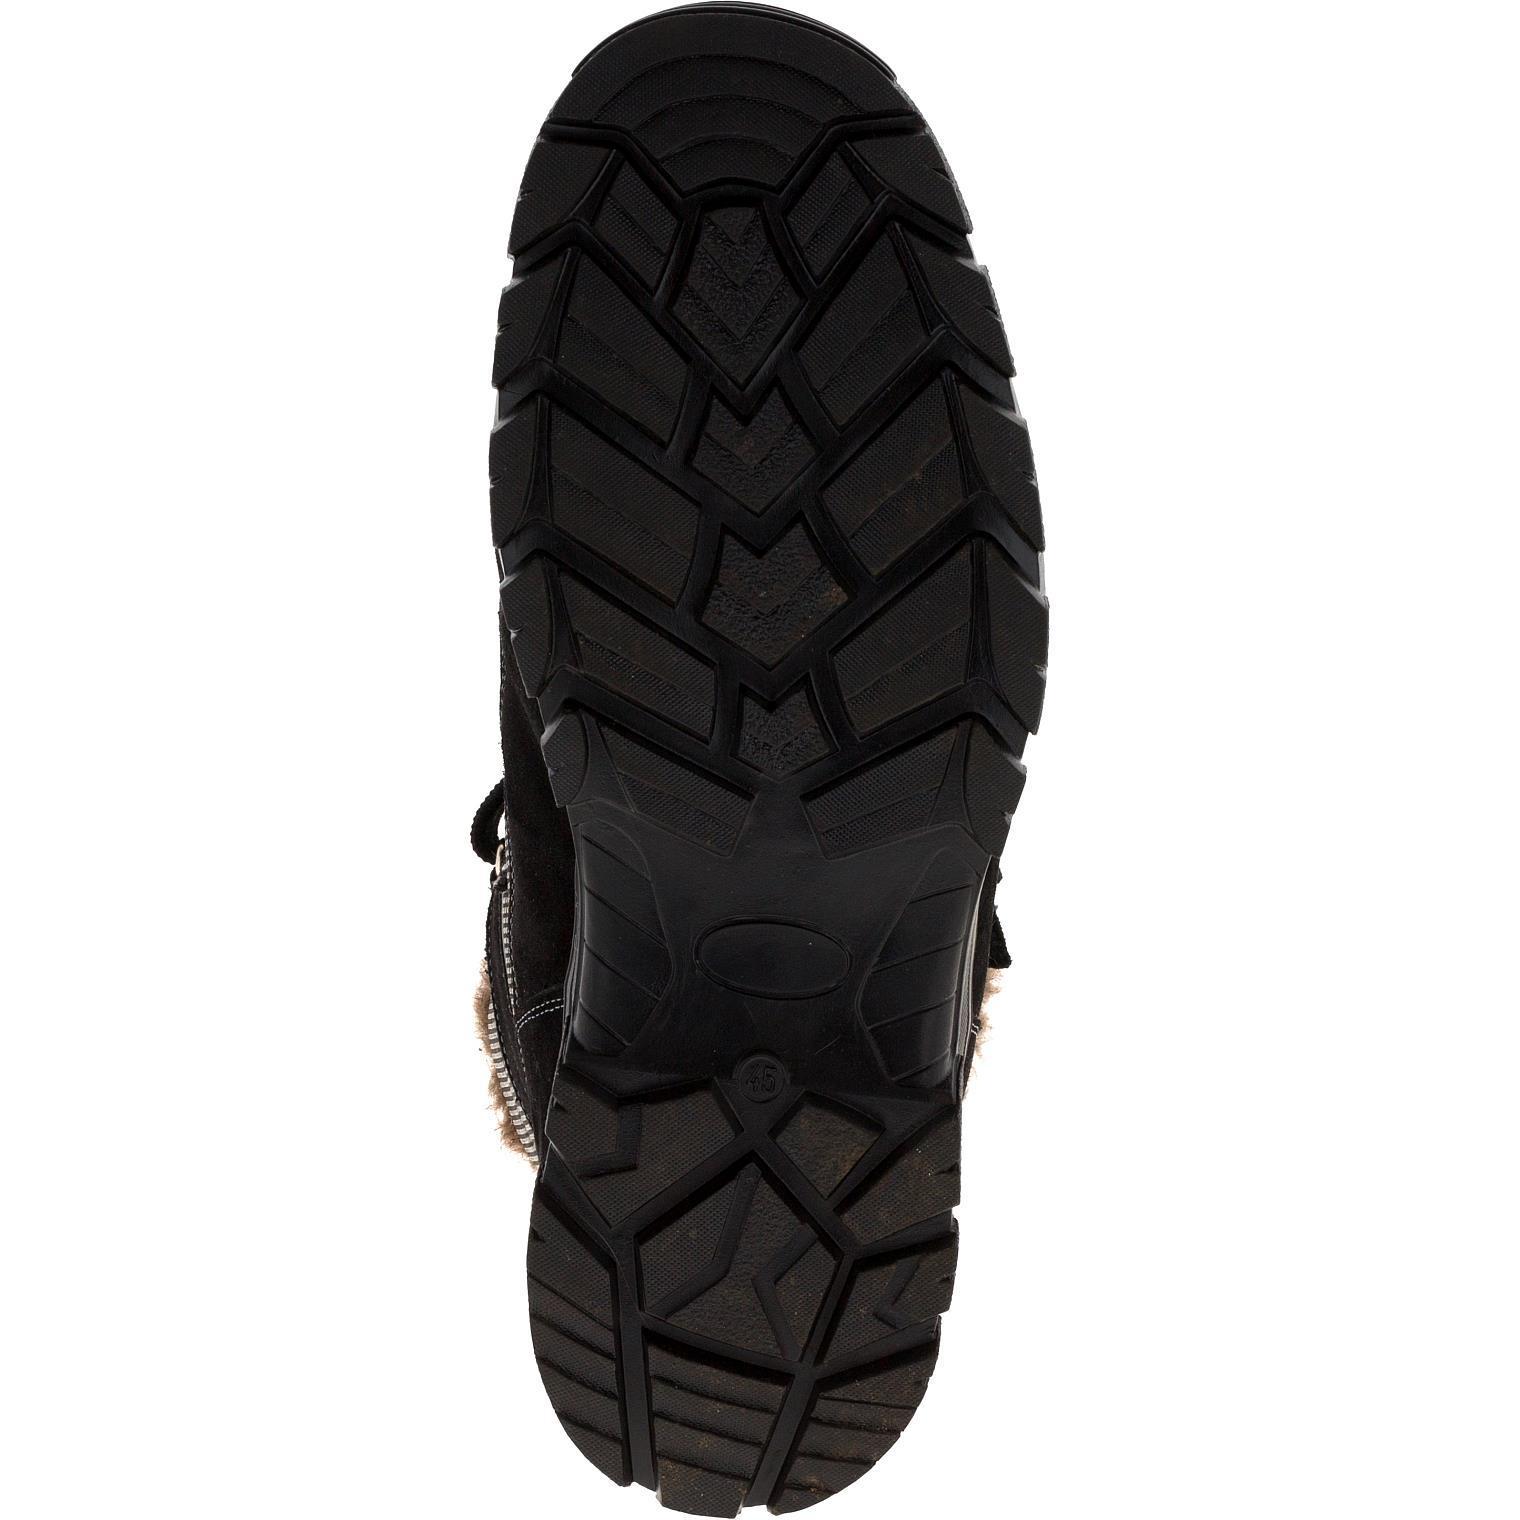 678478 ботинки мужские win больших размеров марки Делфино